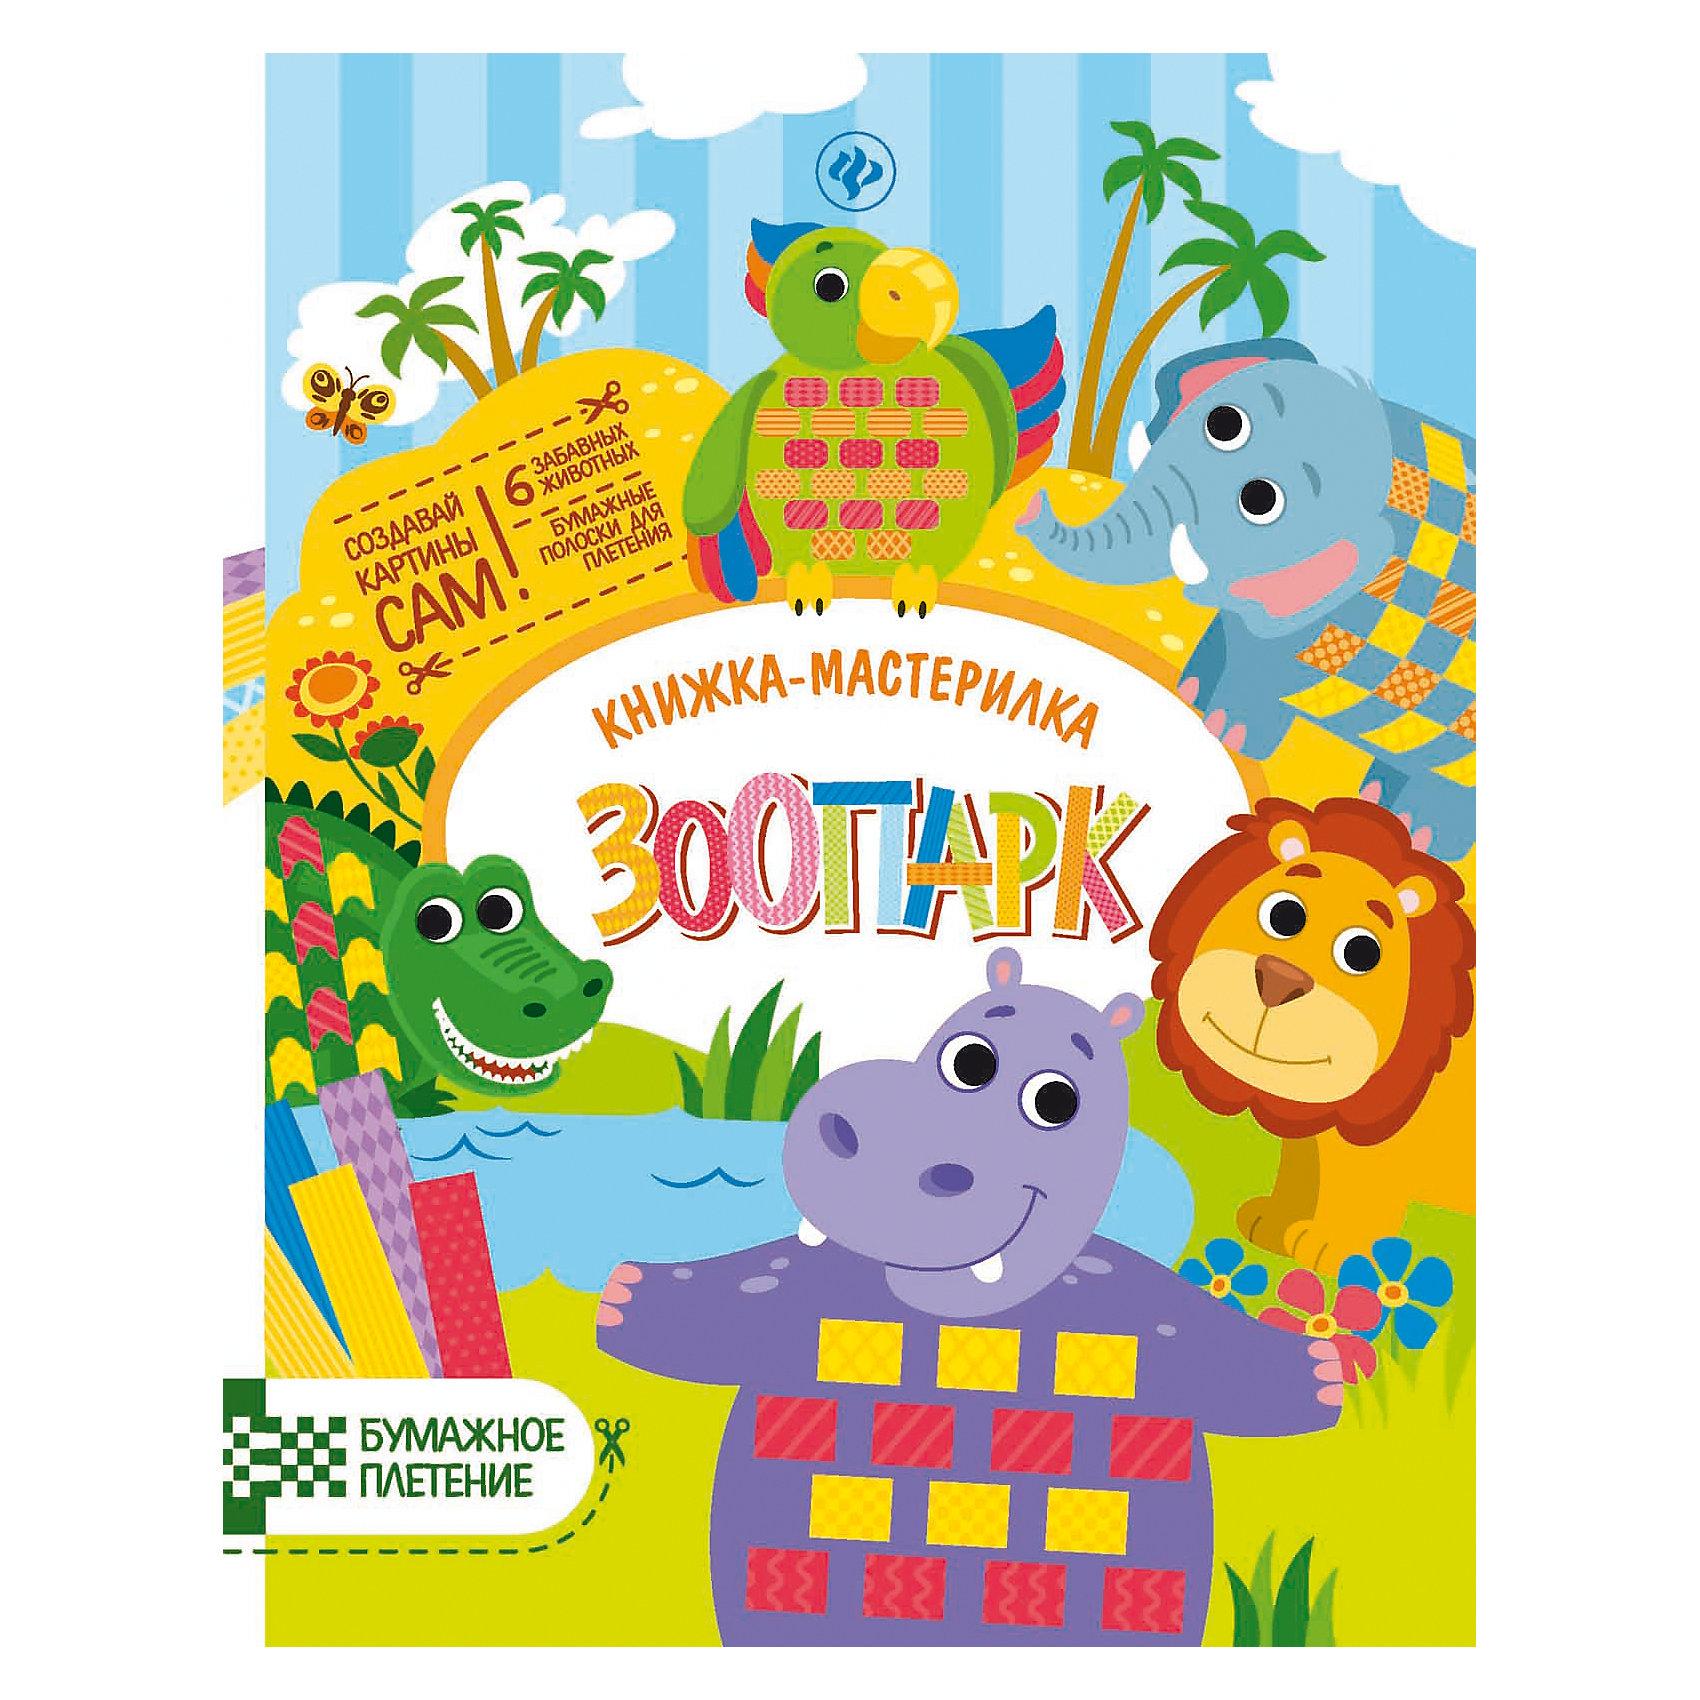 Книга Зоопарк, 2-е изданиеРазвивающие книги<br>Книга Зоопарк, 2-е издание<br><br>Характеристики: <br><br>• Кол-во страниц: 16<br>• ISBN: 9785222276228<br>• Возраст: 0+<br>• Обложка: мягкая <br>• Формат: а4<br><br>Эта книга будет очень полезна и подарит много радости тем детям, которые любят делать поделки своими руками. Из разноцветных бумажных полосочек из этой книги можно сплести разнообразных животных и сделать необычные картинки в подарок родителям или друзьям. Работа с этой книгой  позволяет развить мелкую моторику и фантазию.<br><br>Книгу Зоопарк, 2-е издание можно купить в нашем интернет-магазине.<br><br>Ширина мм: 260<br>Глубина мм: 199<br>Высота мм: 20<br>Вес г: 70<br>Возраст от месяцев: -2147483648<br>Возраст до месяцев: 2147483647<br>Пол: Унисекс<br>Возраст: Детский<br>SKU: 5464503